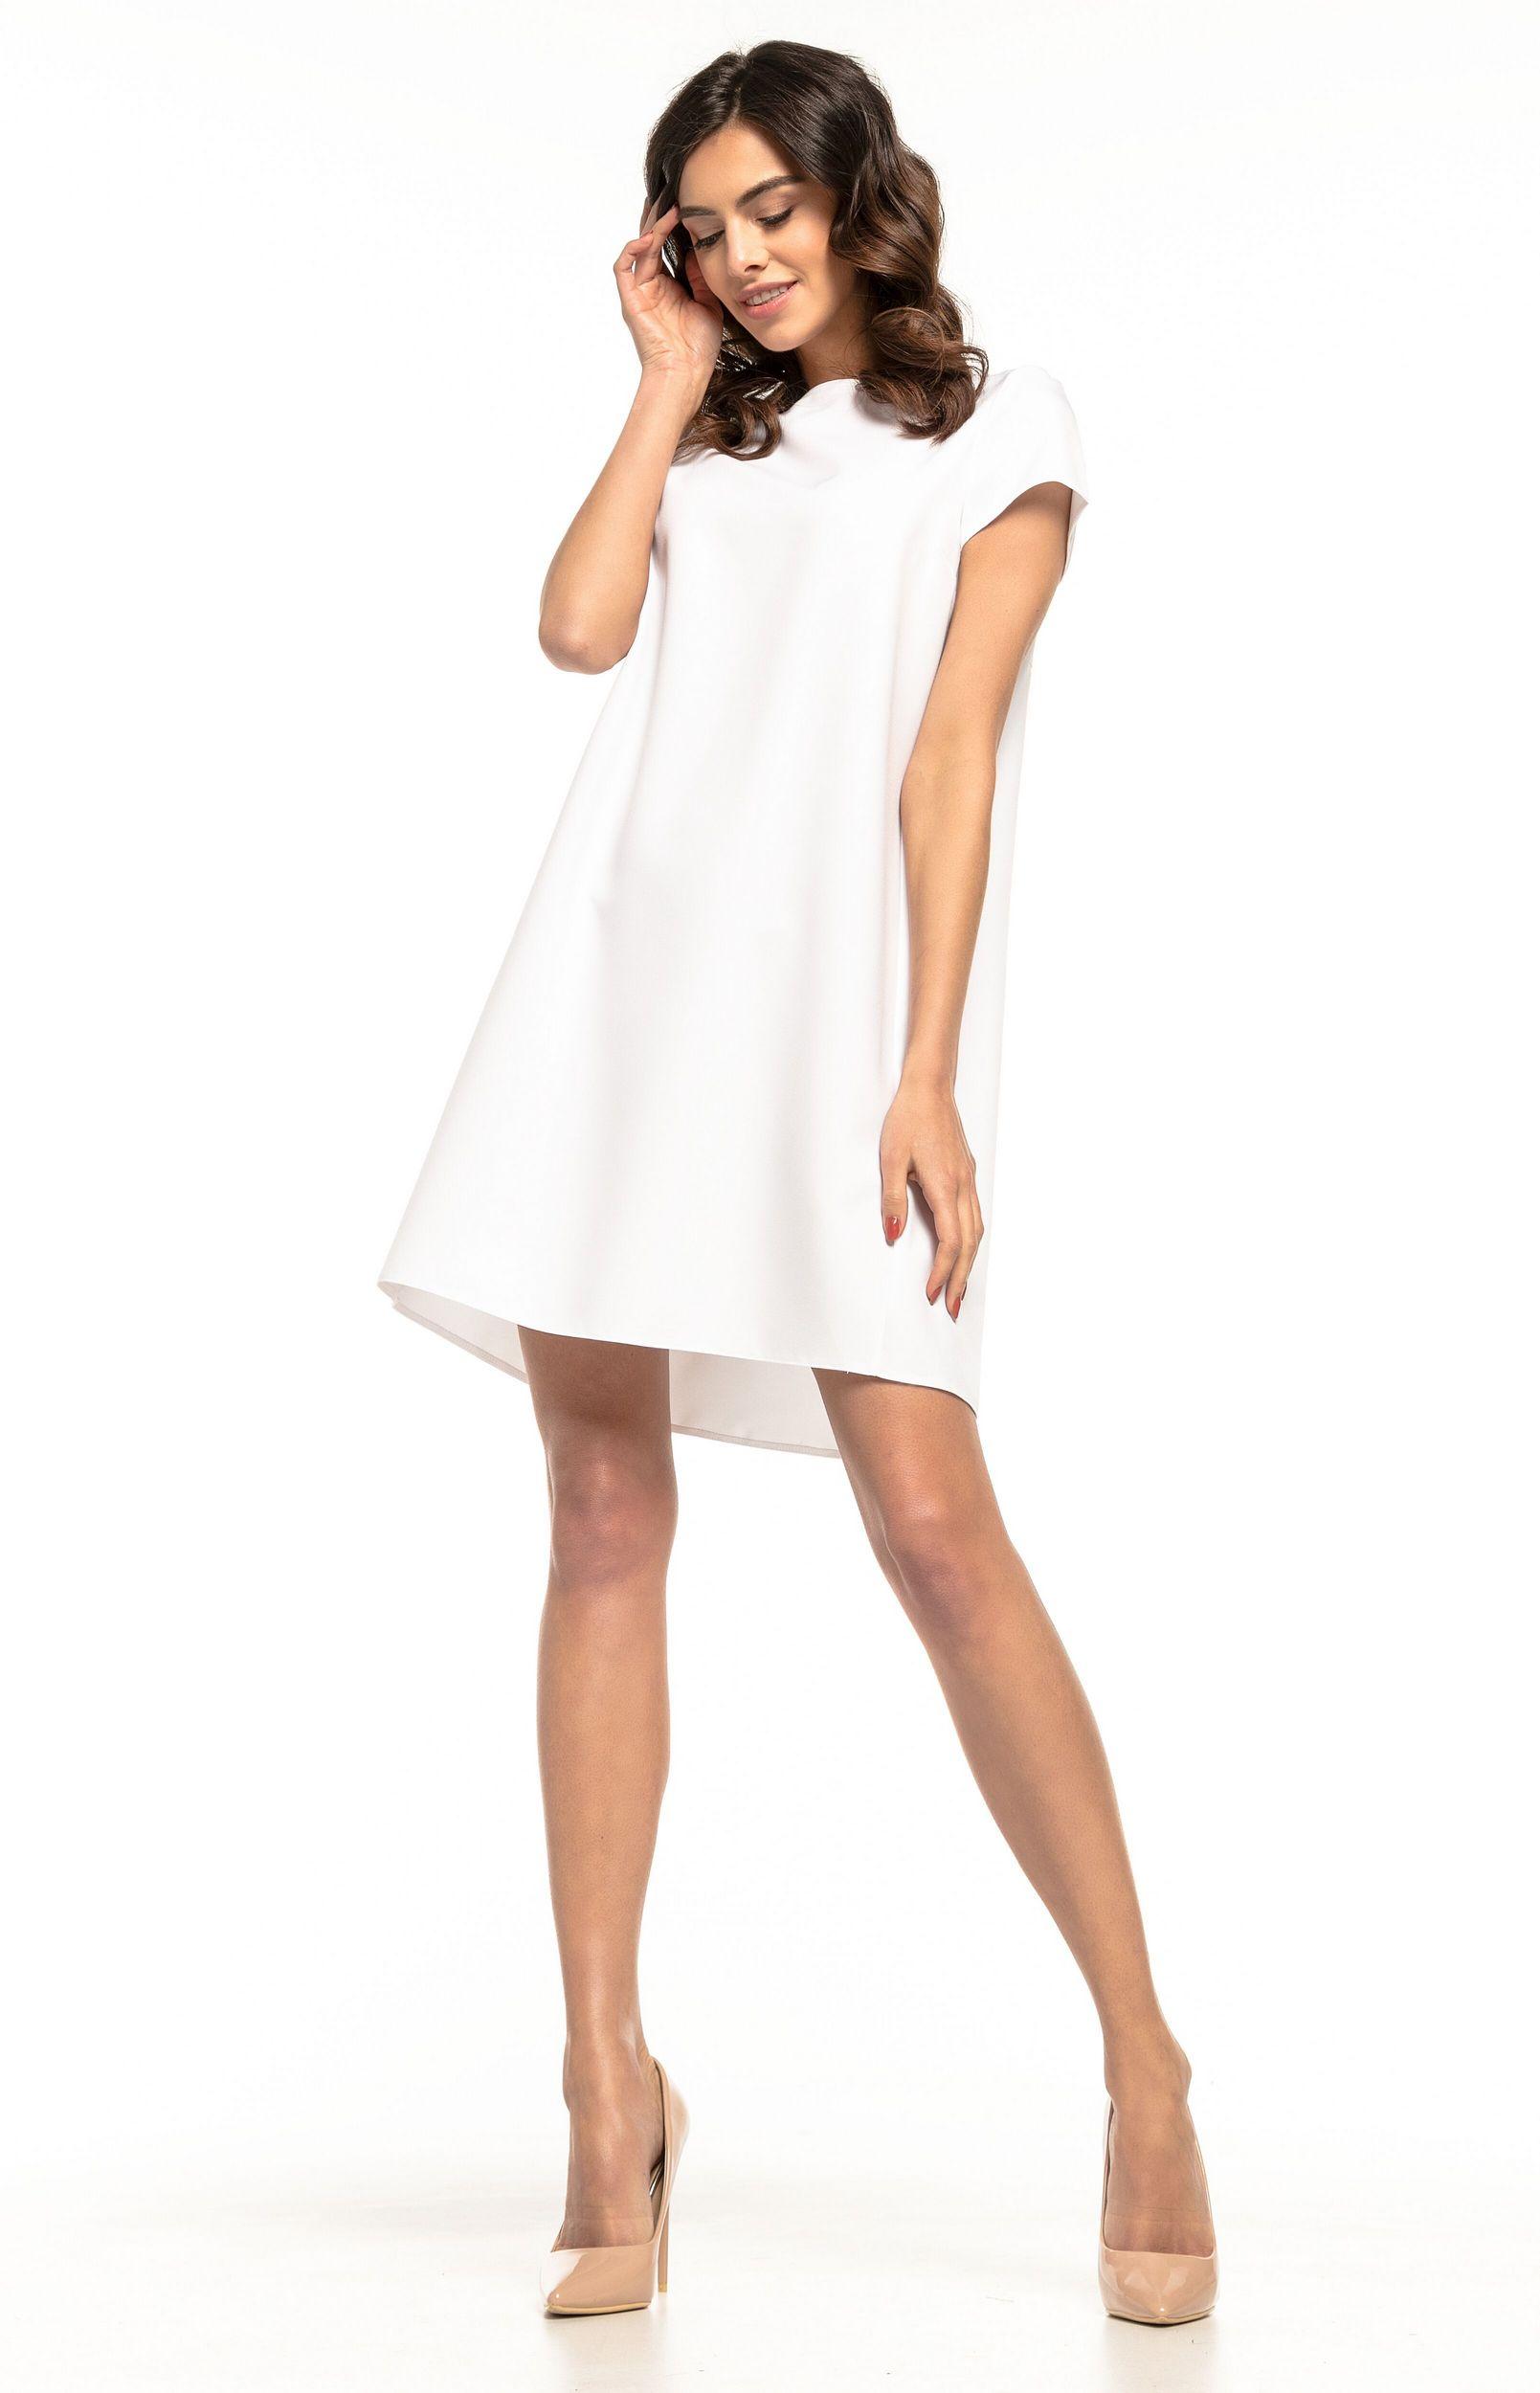 713b11d7eef Robe ample courte blanche Tess T261W   idresstocode  boutique de  déshabillés et nuisettes